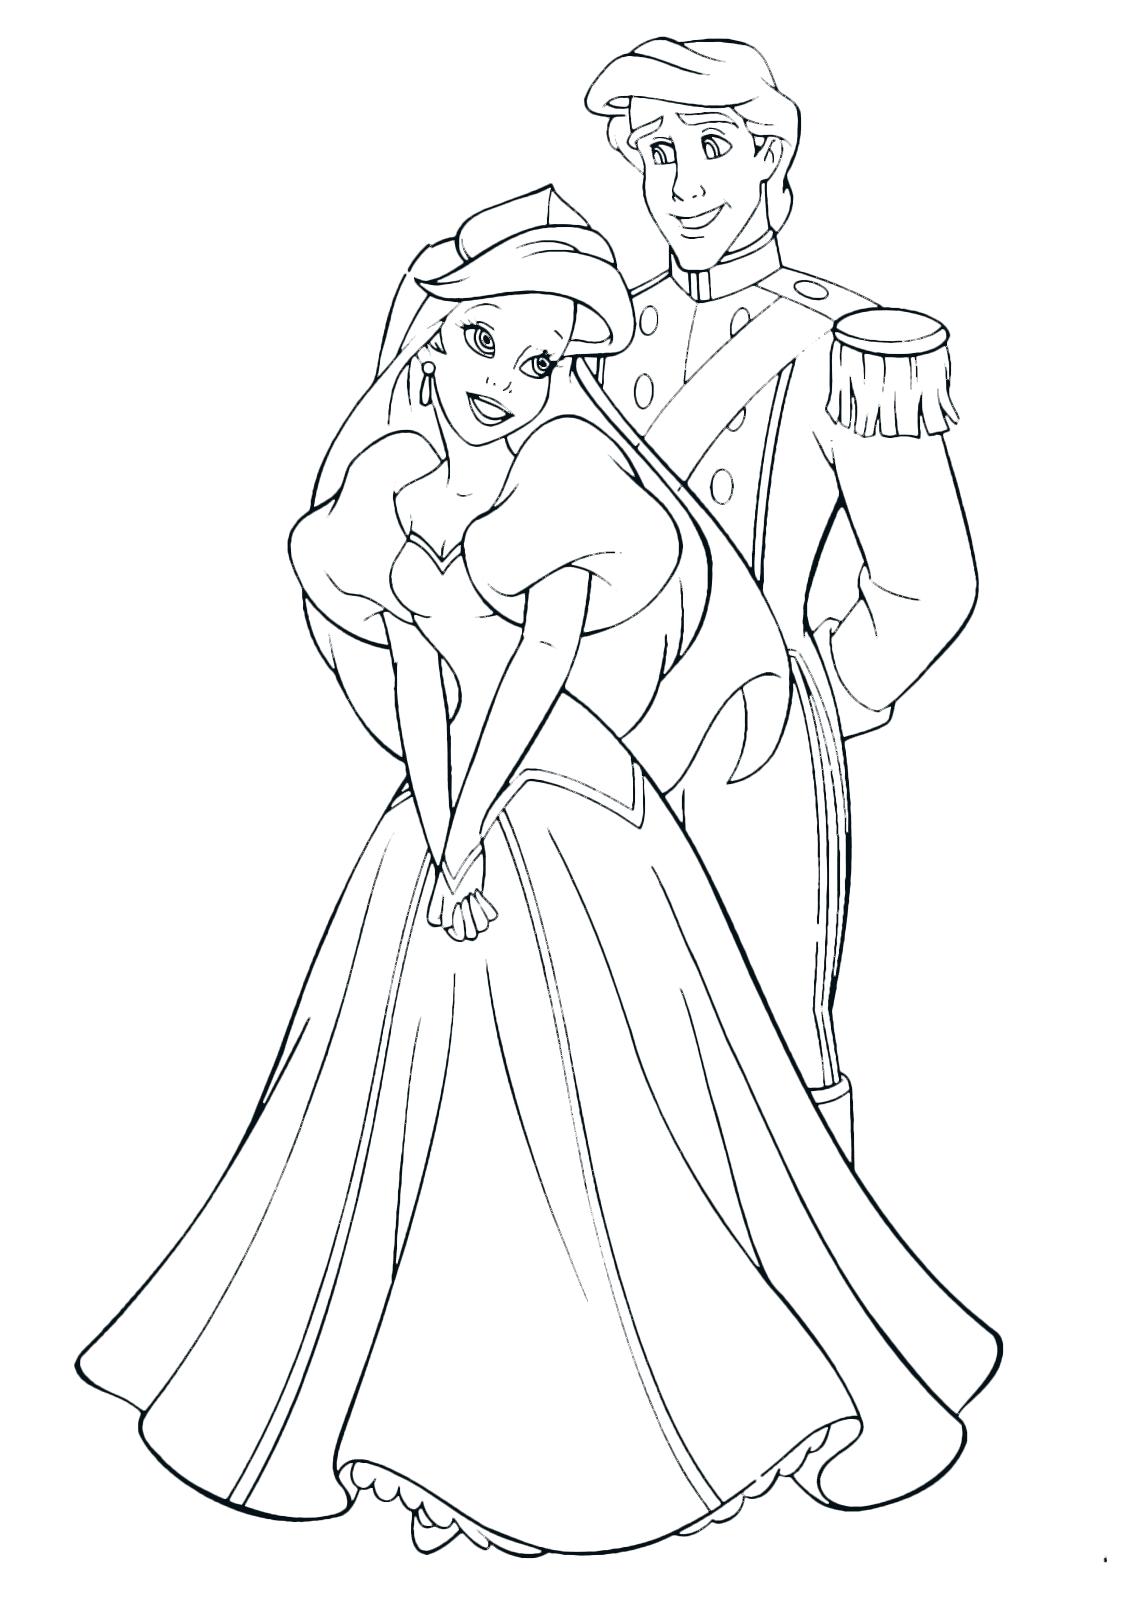 La sirenetta ariel ed eric vestiti da sposi for La sirenetta da stampare